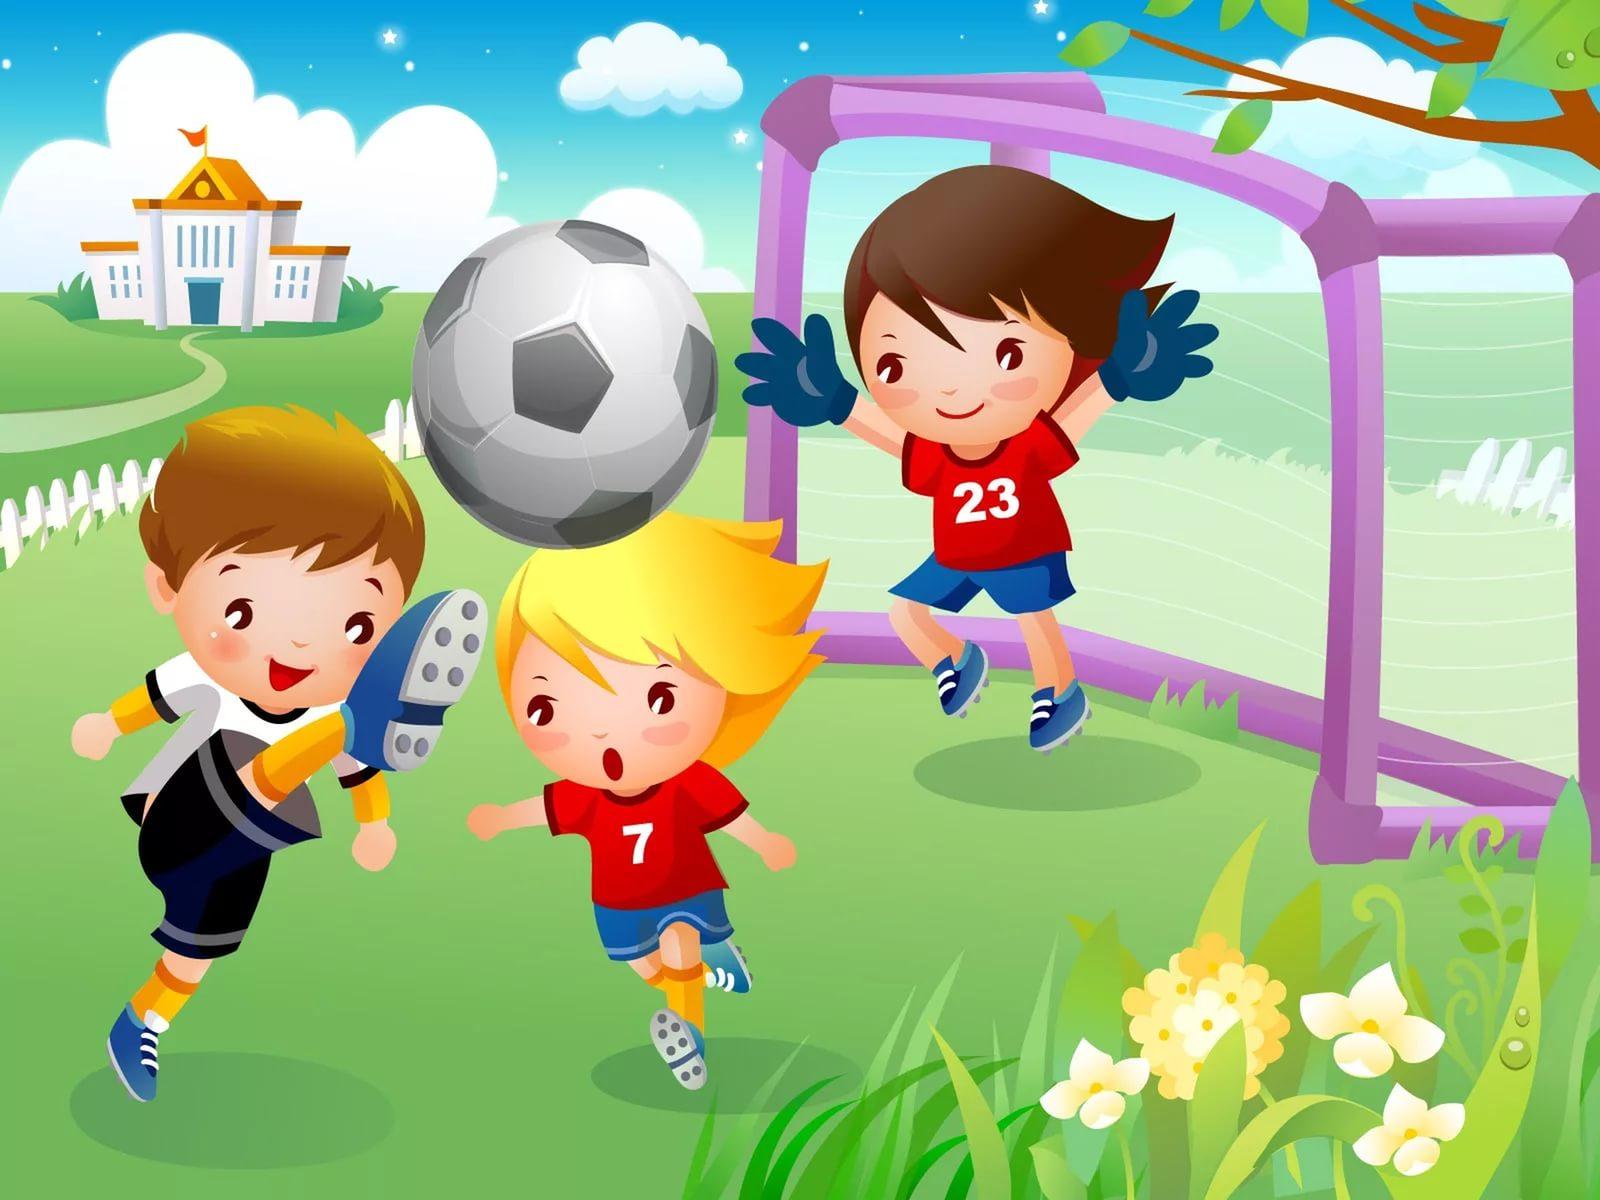 Картинка для детей игра с мячом